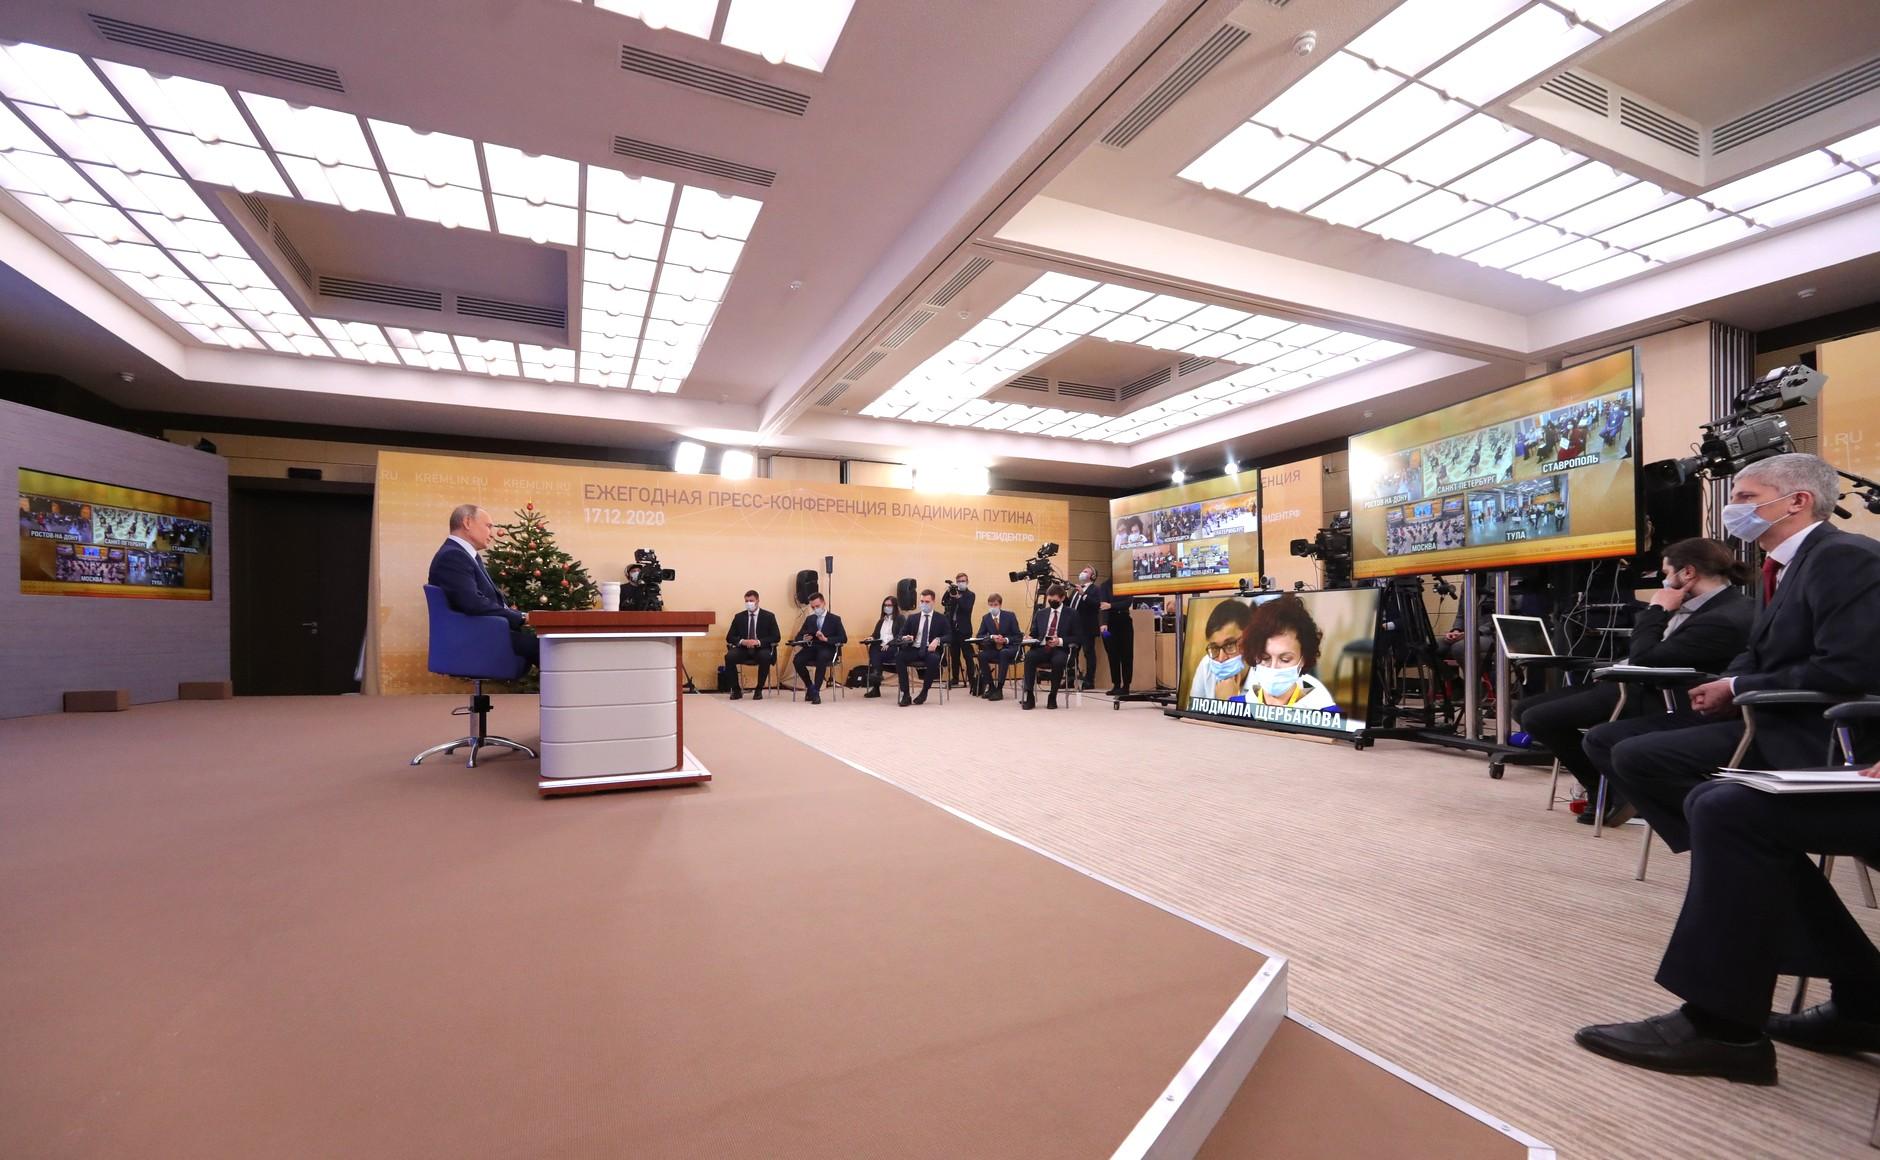 RUSSIE 17.12.2020.CONFERENCE 11 XX 66 Avant le début de la conférence de presse annuelle de Vladimir Poutine.